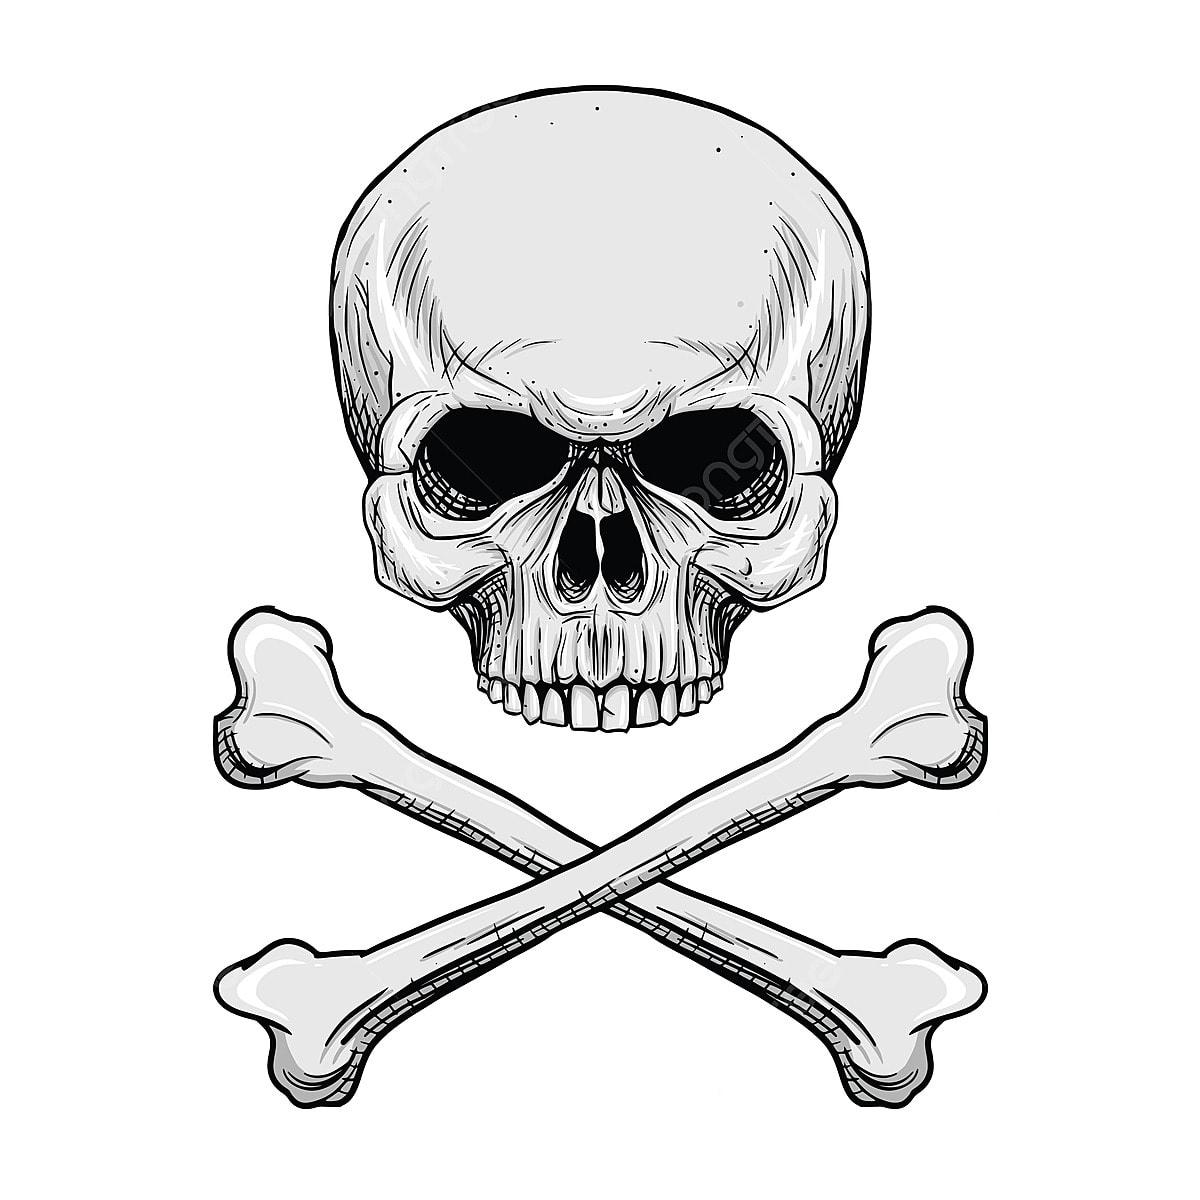 Tengkorak Kepala Dengan Tulang Silang Di Latar Belakang